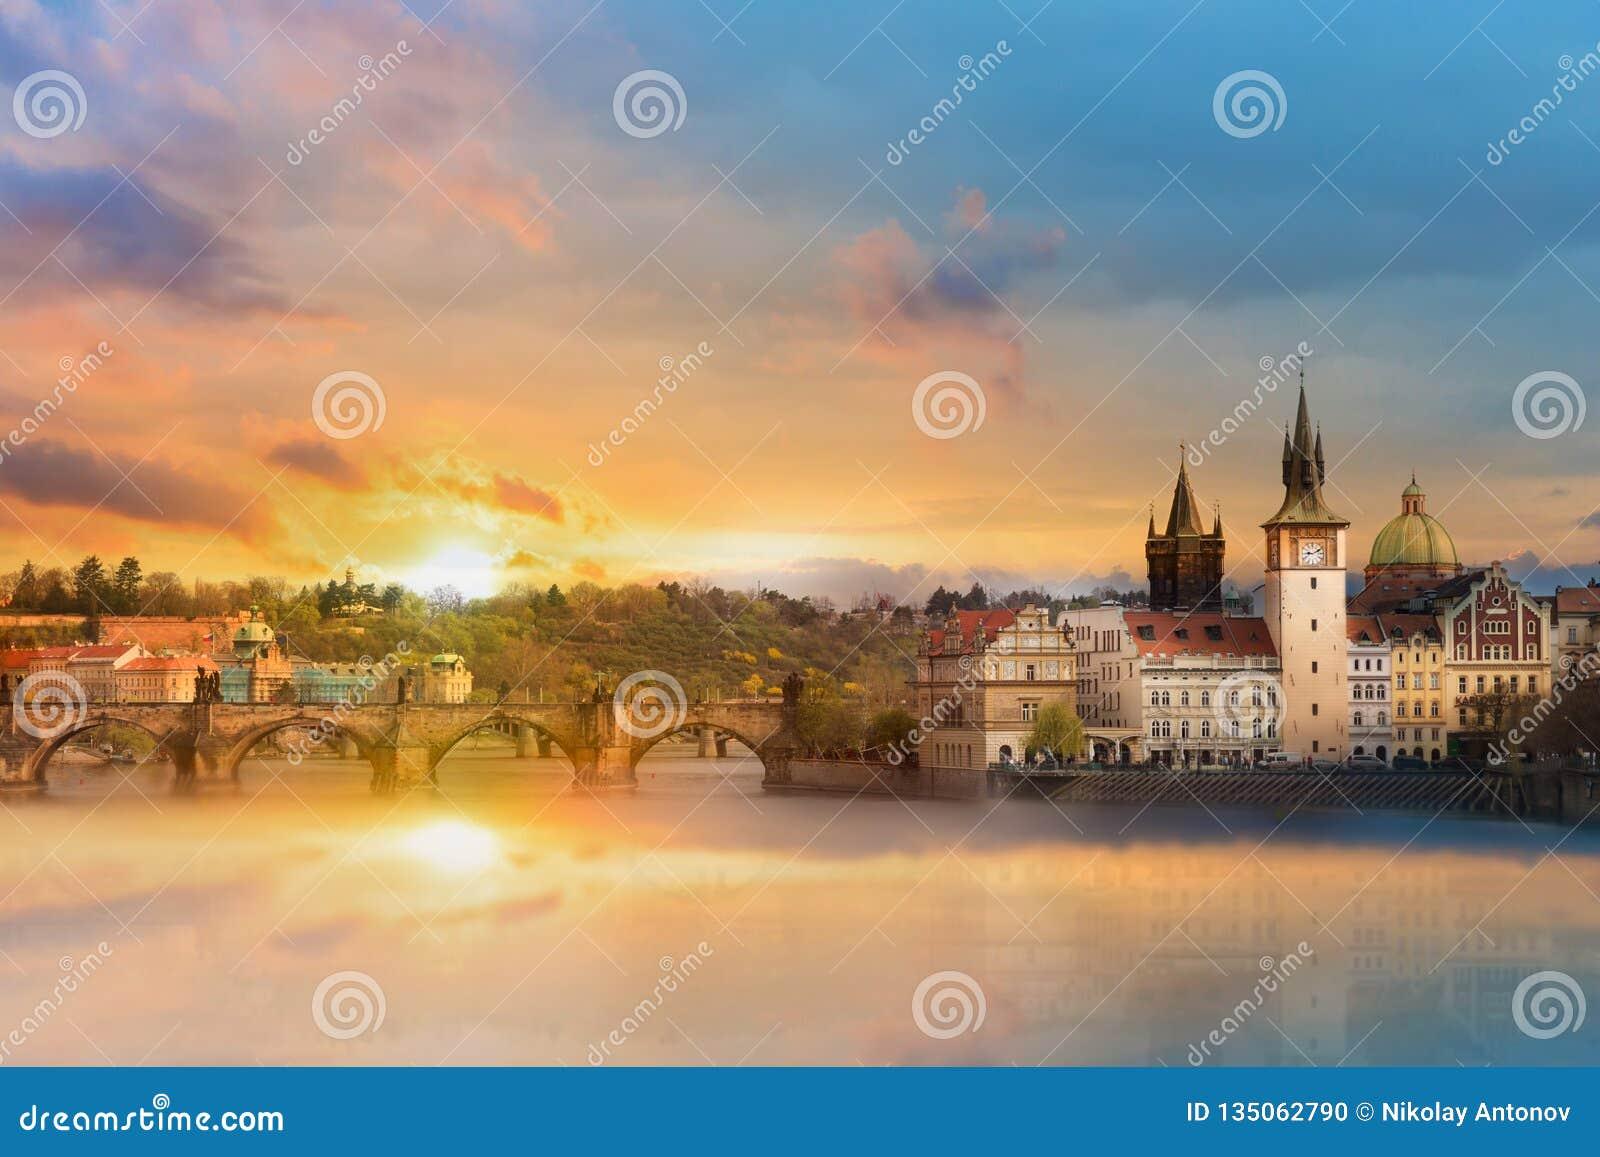 奥尔德敦大厦、查尔斯桥梁和伏尔塔瓦河河的风景夏天视图在布拉格在令人惊讶的日落期间,捷克